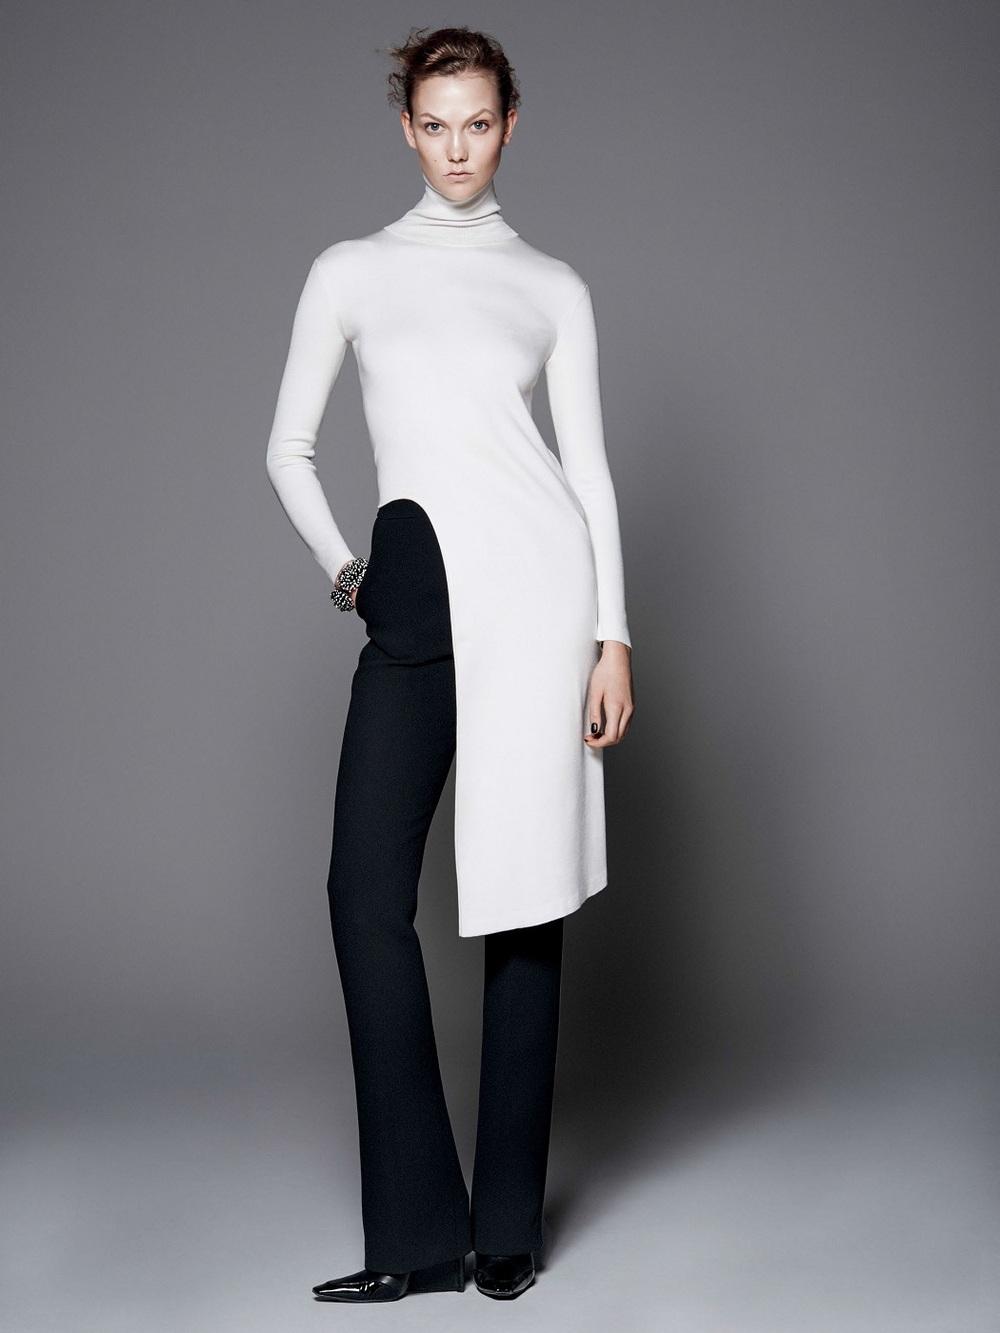 David Sims / Karlie Kloss / Vogue US / July 2014